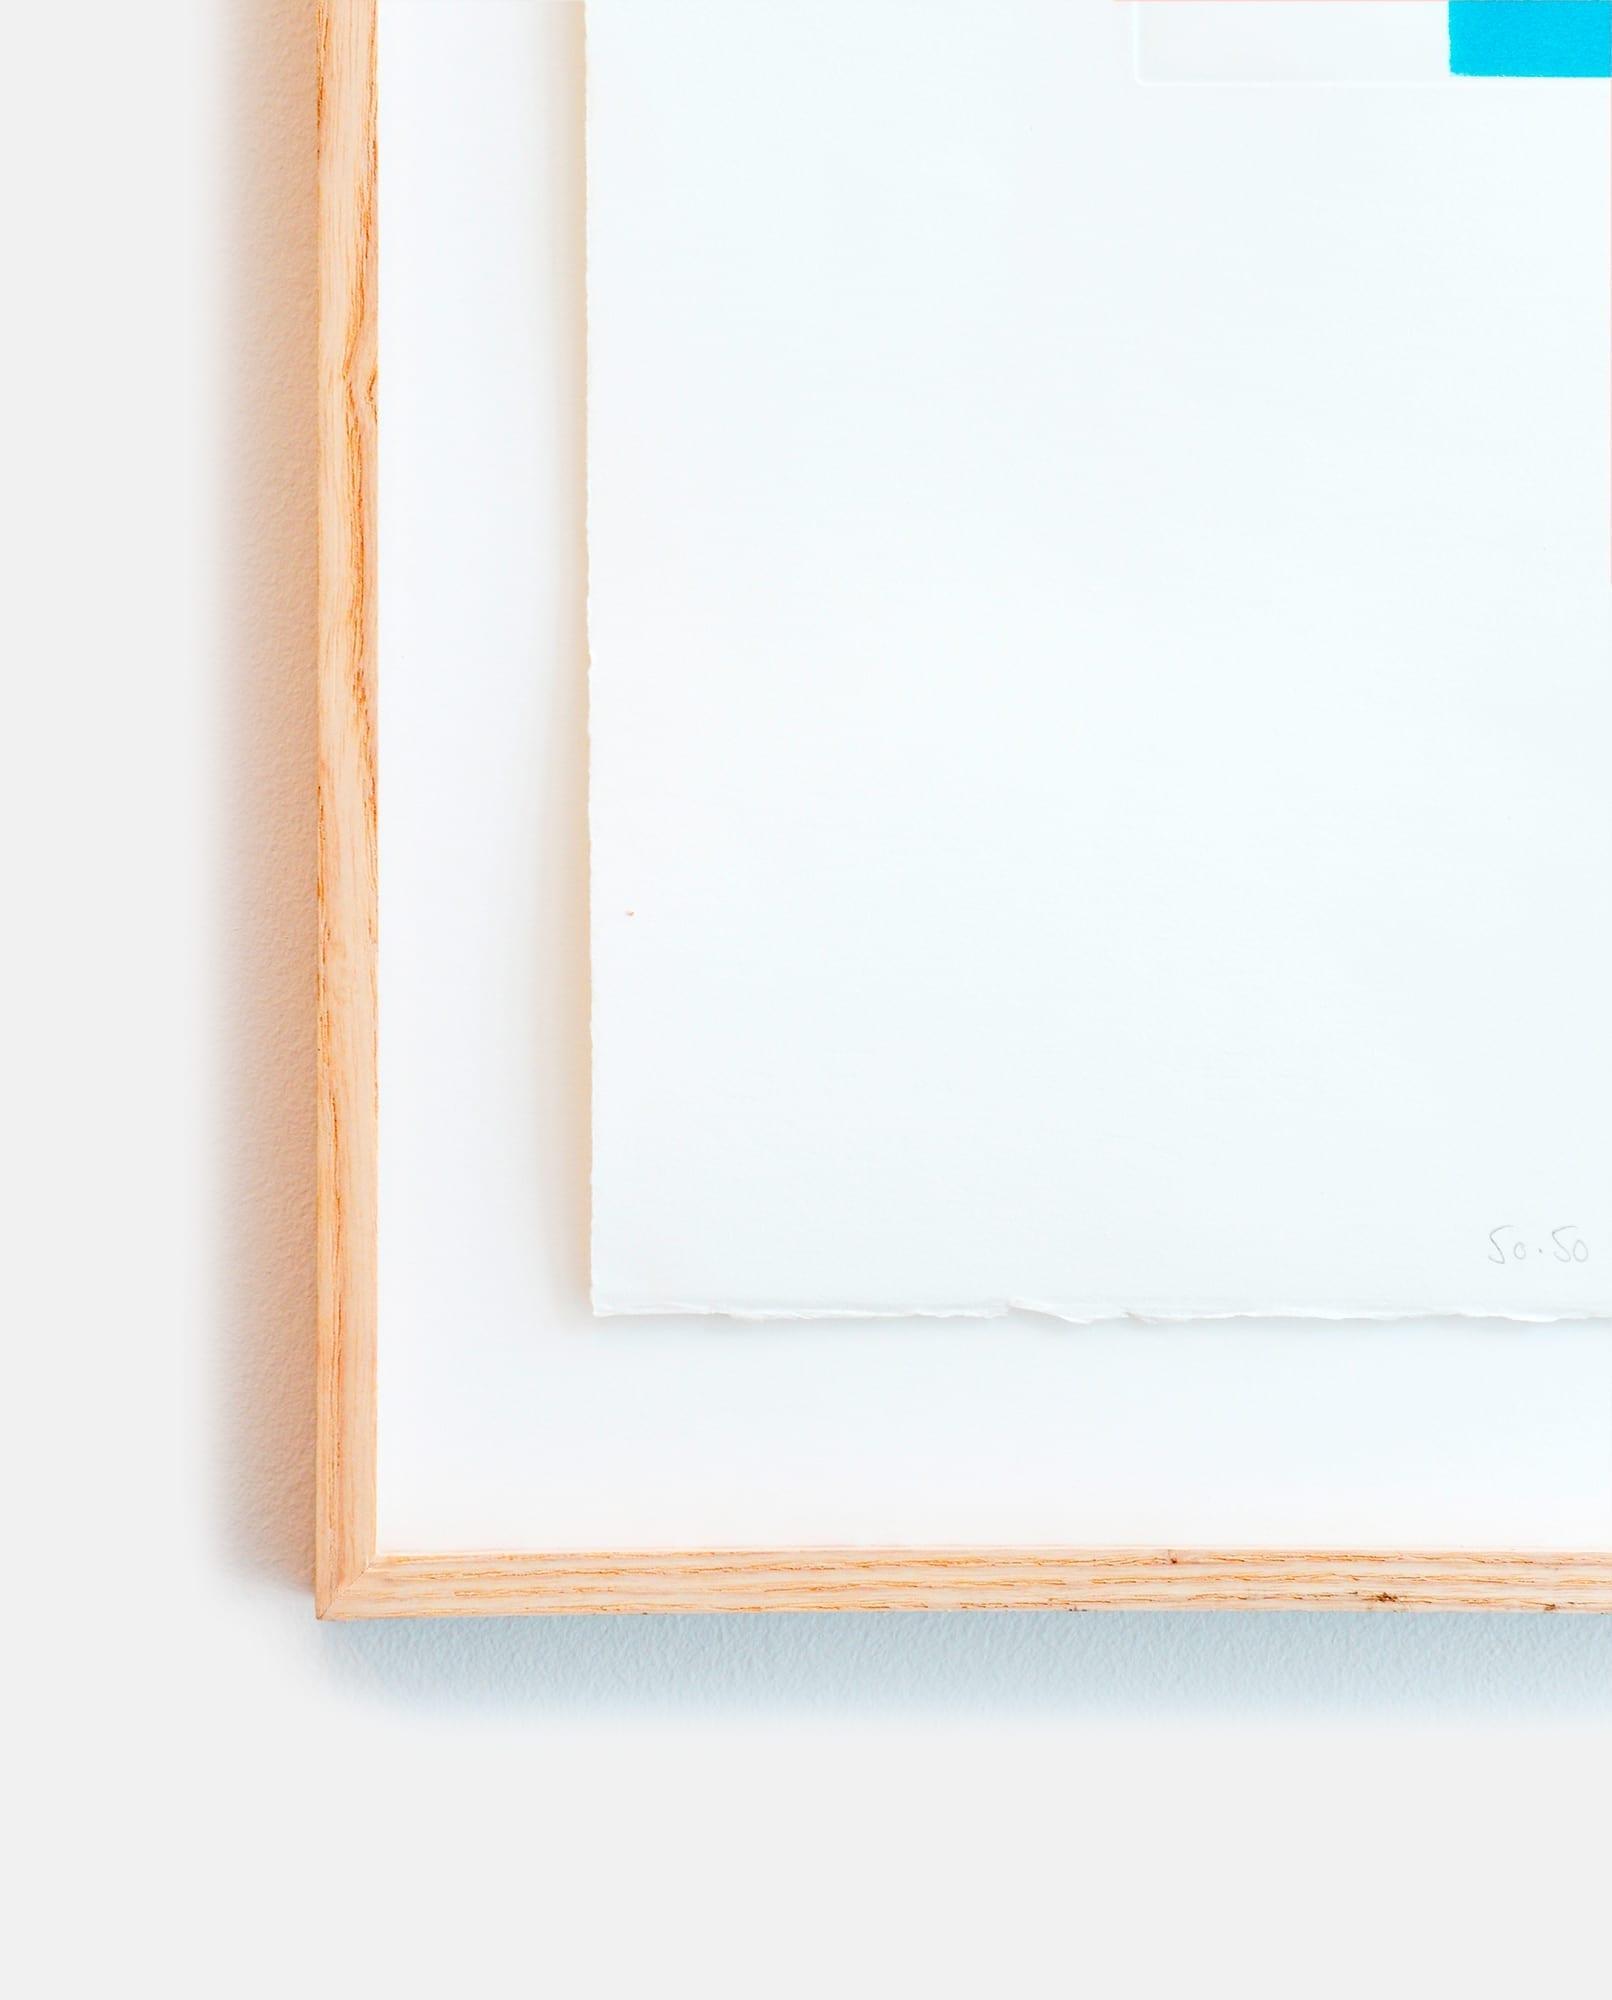 Neess encadrement atelier restauration dorure galerie chatelain bruxelles shop gravure artiste noel martin